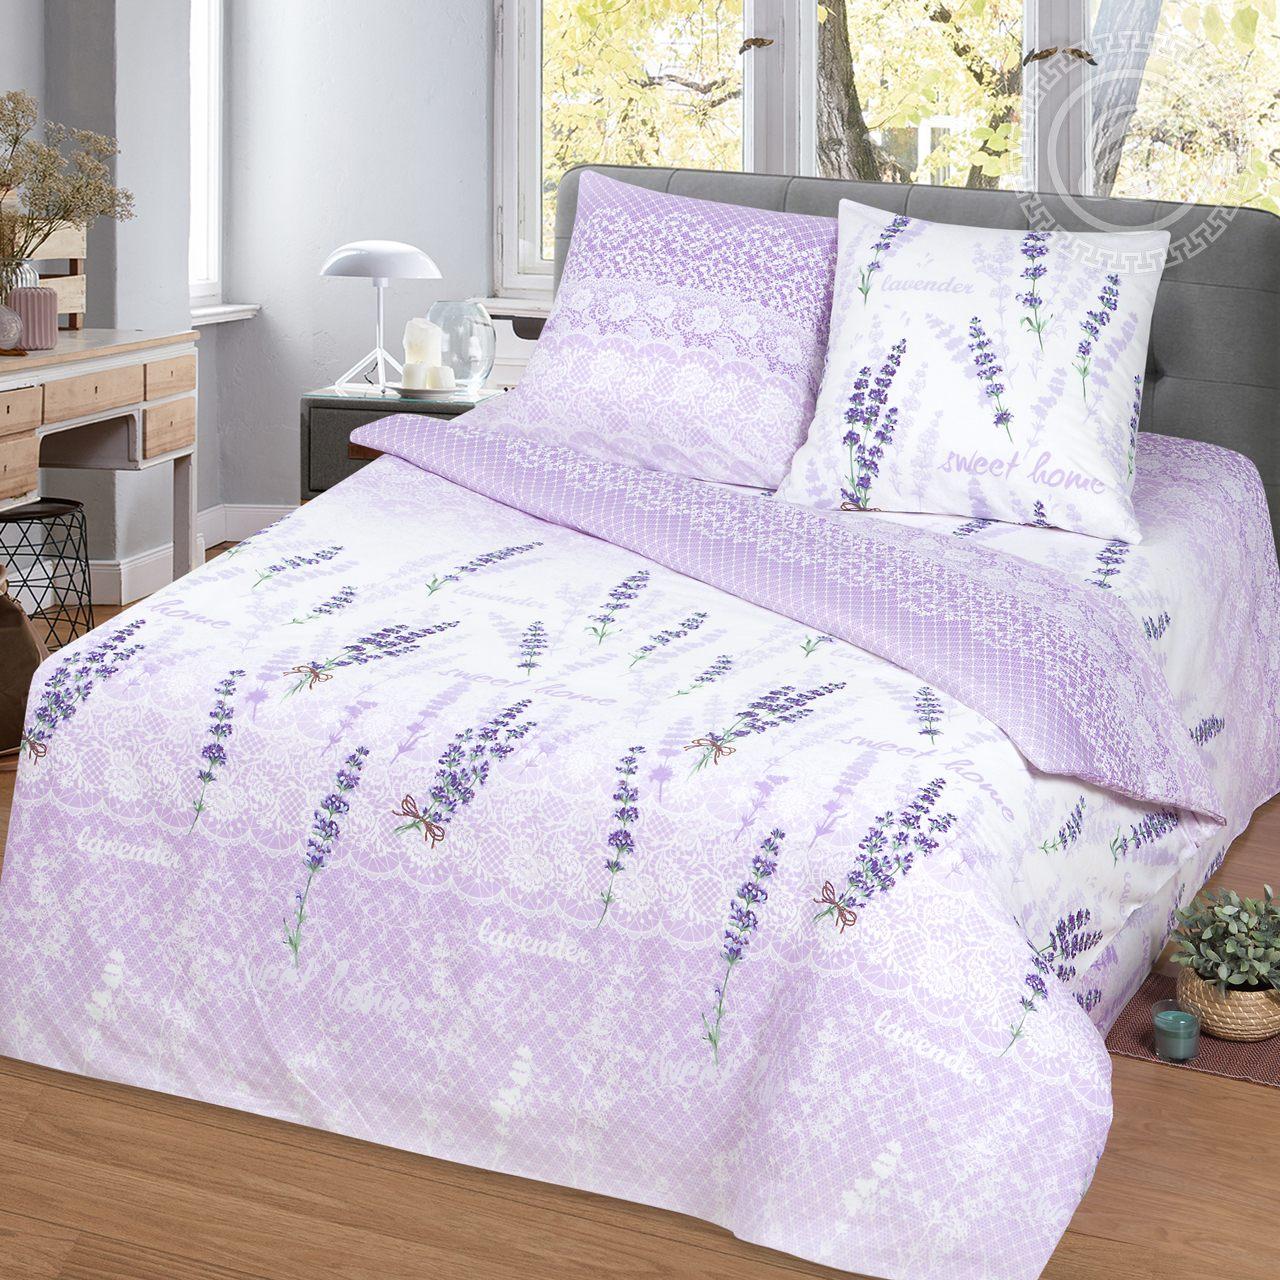 Постельное белье iv65003 (бязь) (1,5 спальный) постельное белье iv48073 бязь 1 5 спальный